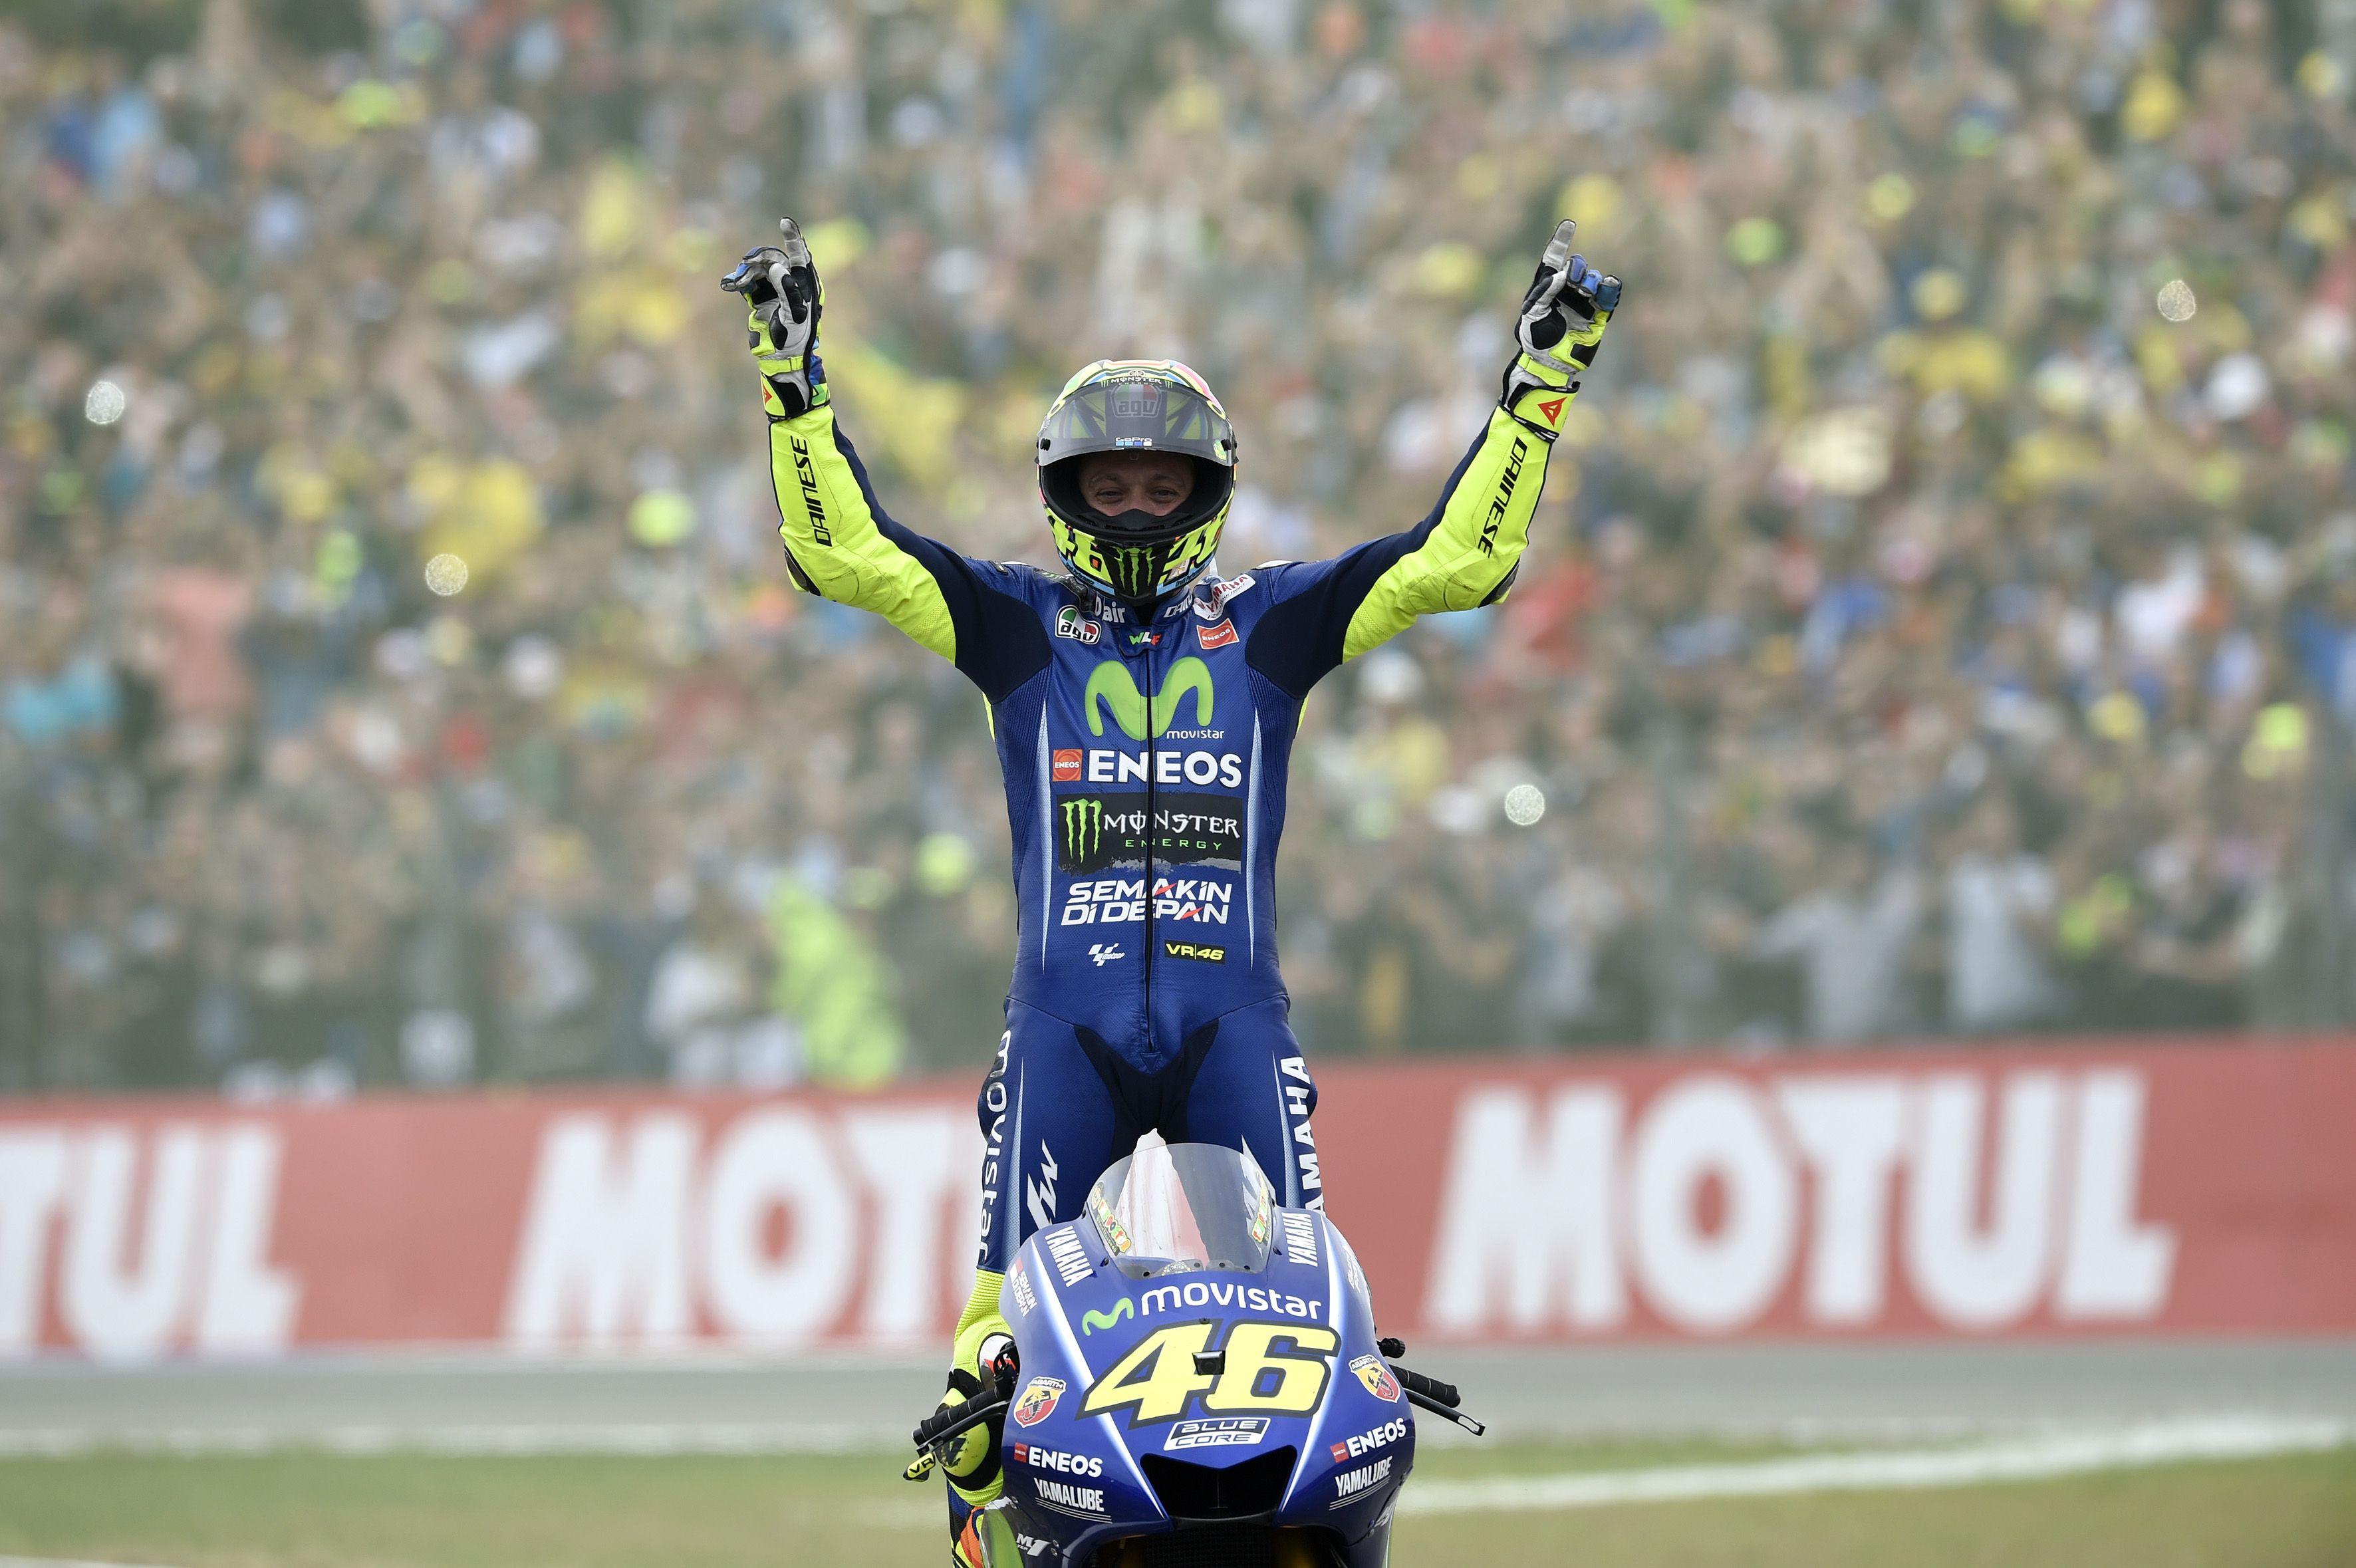 ¿Puede Rossi ganar la décima corona?